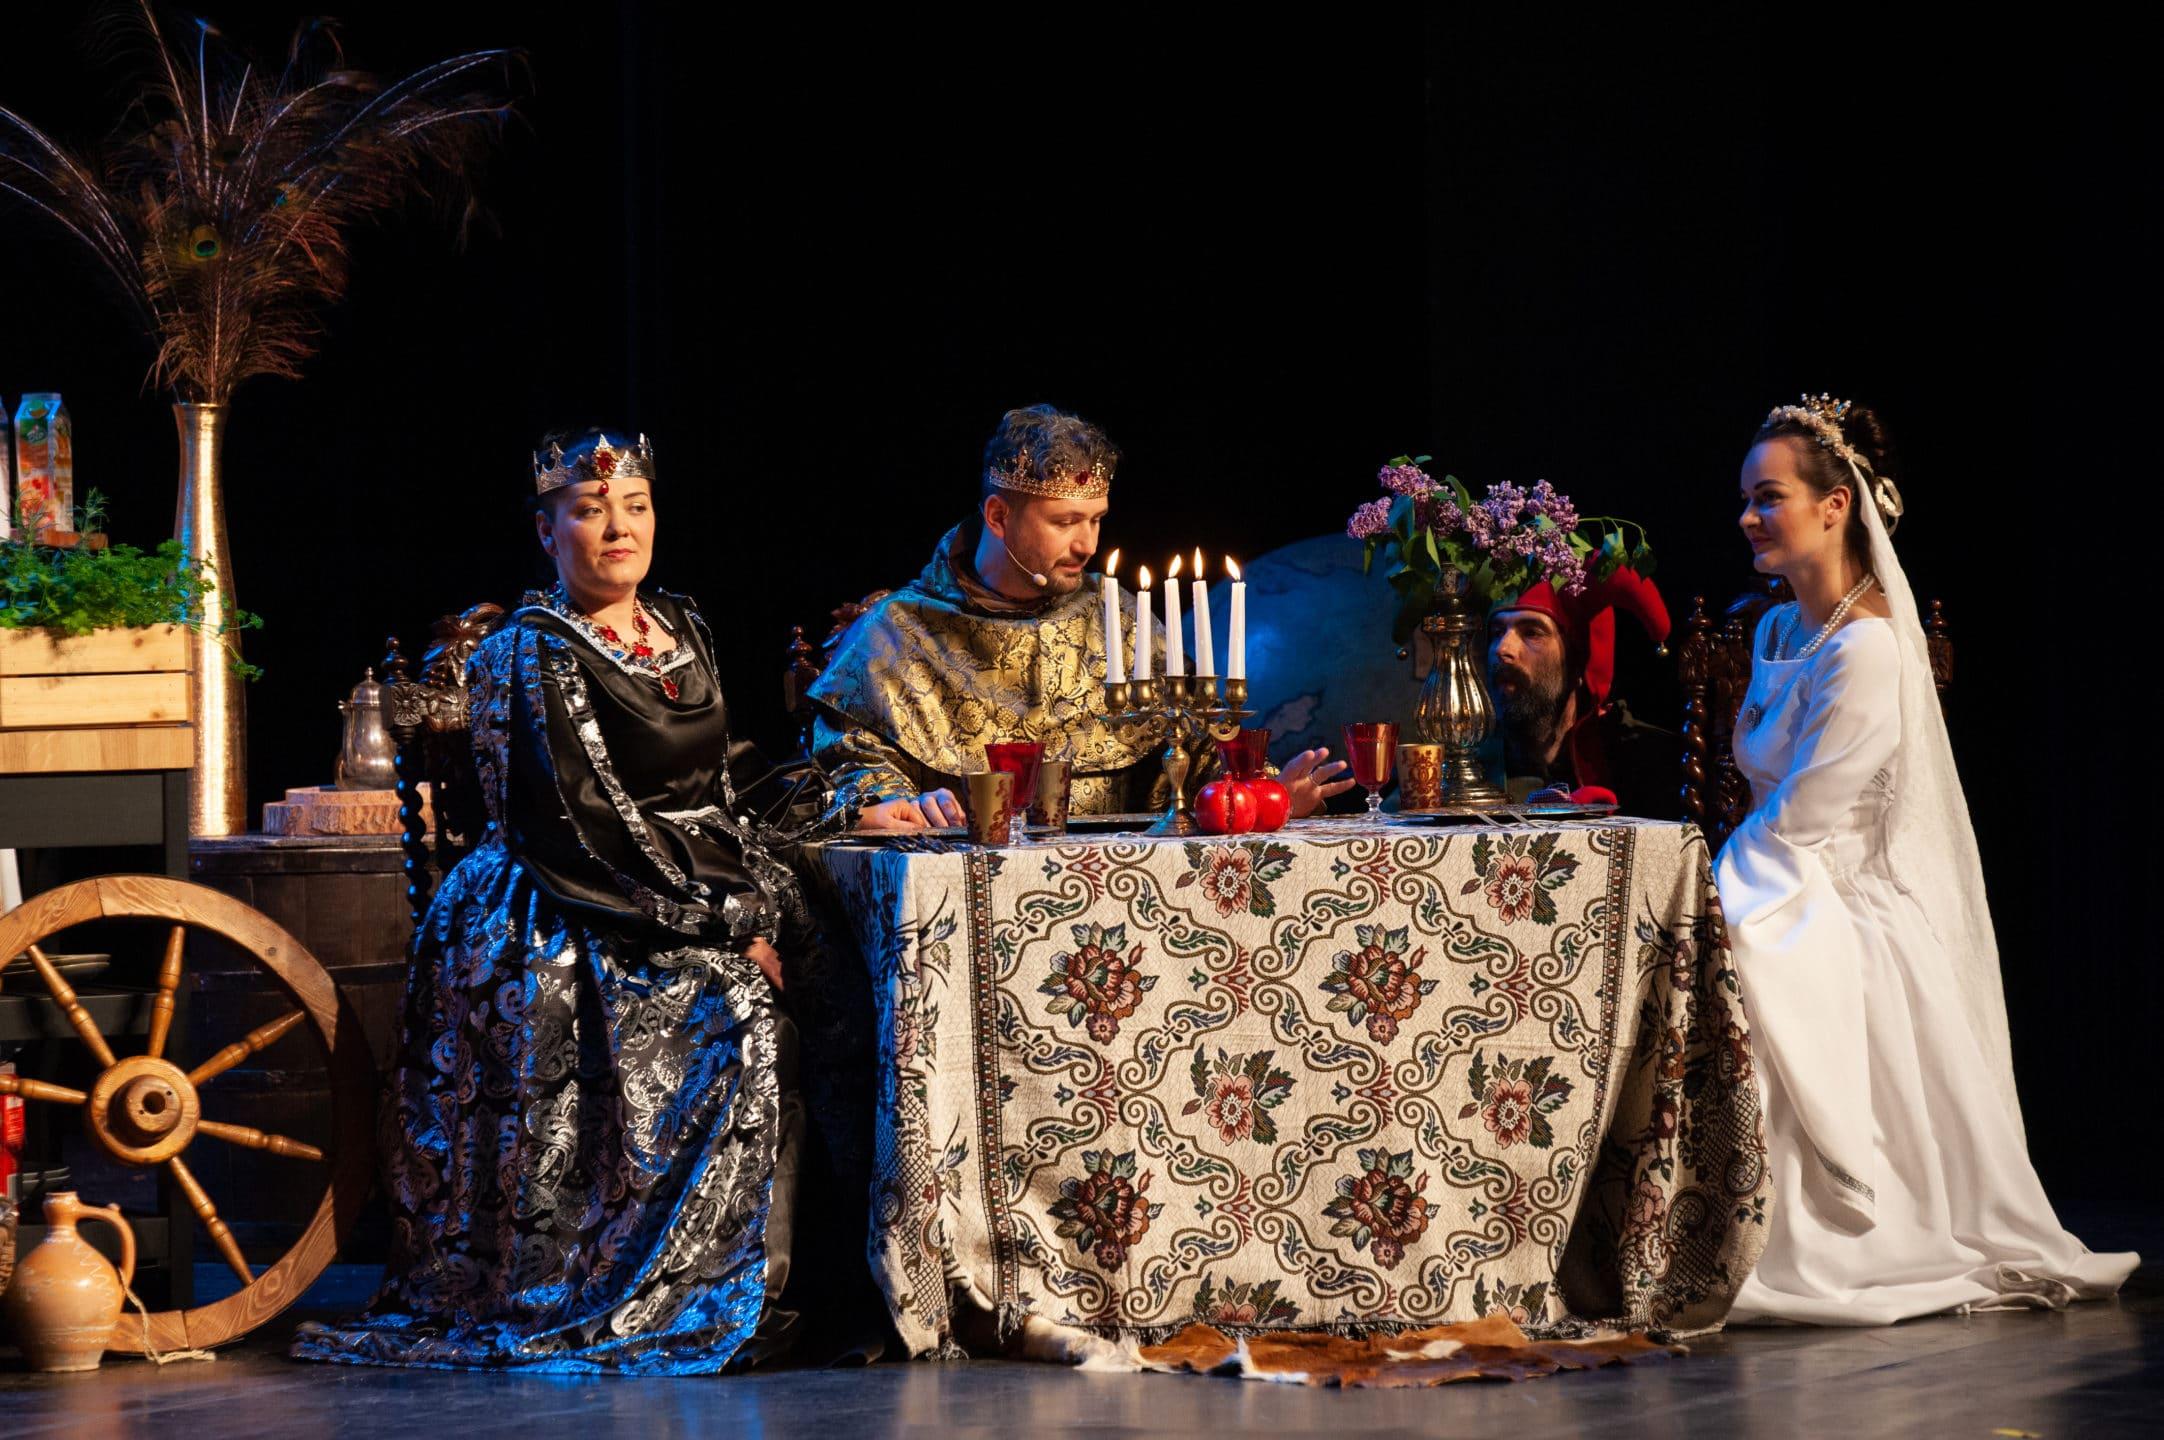 divadelne predstavenie